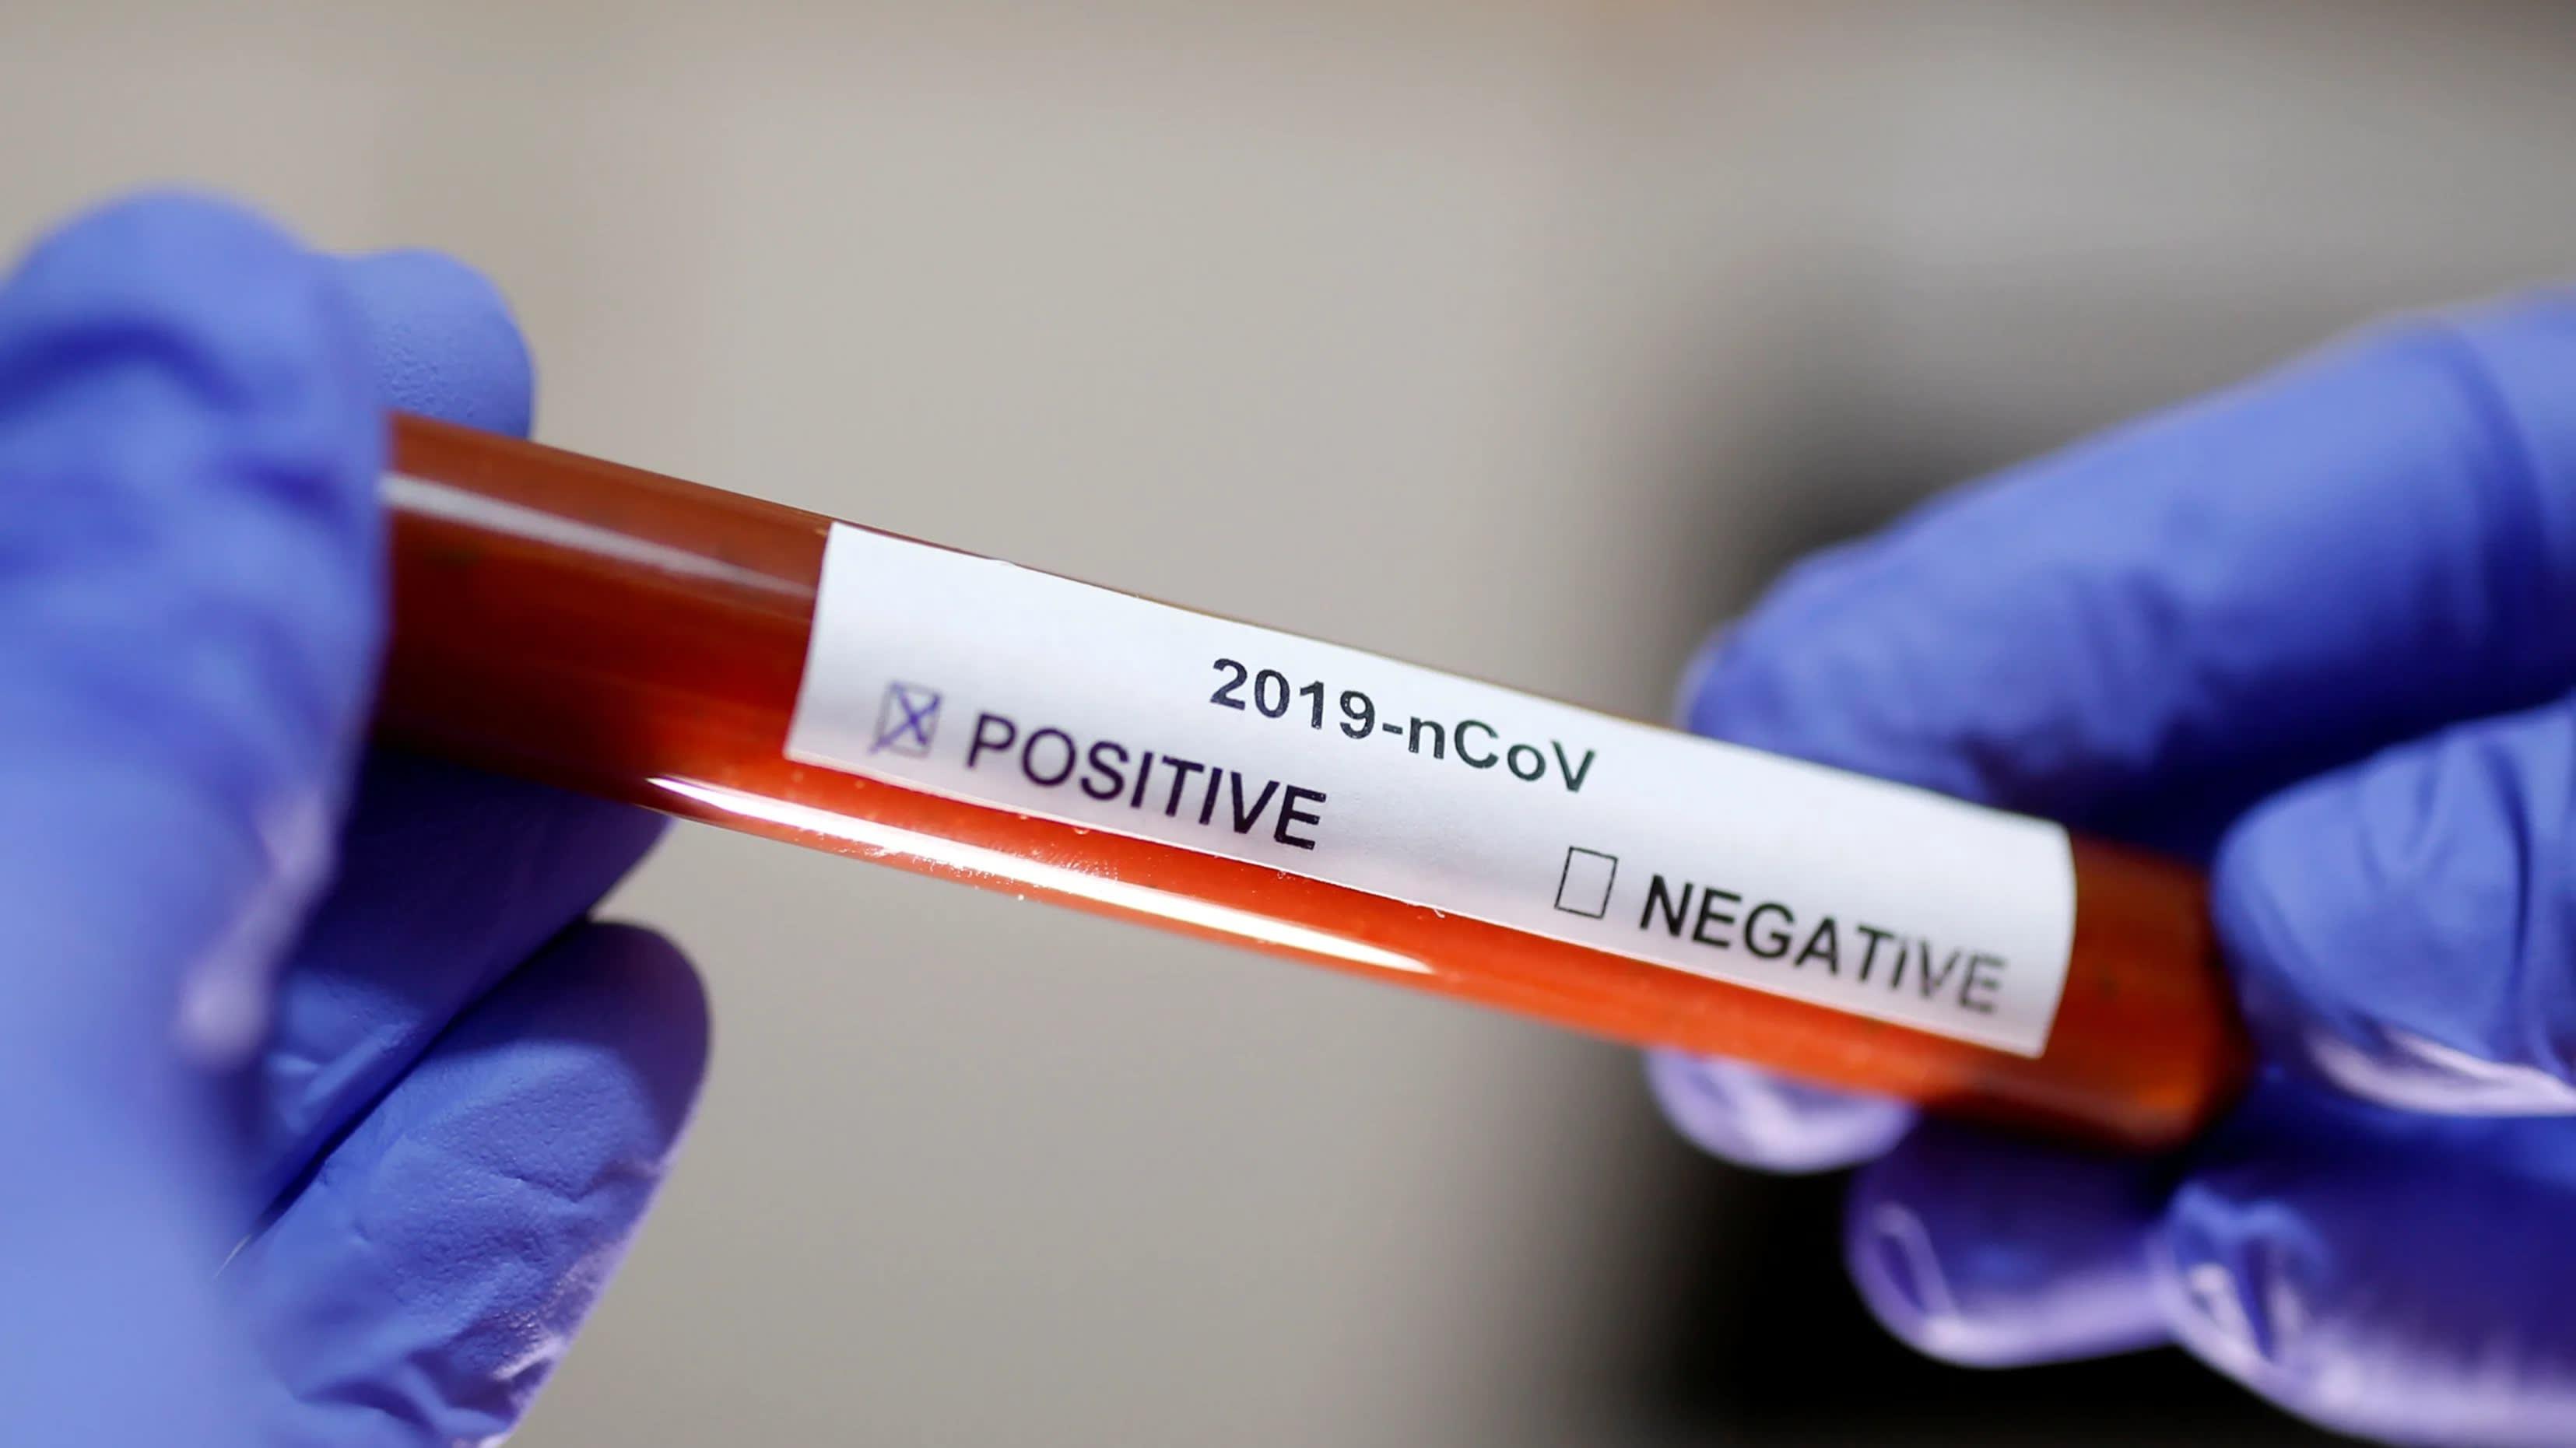 देश में कोरोना वायरस के मामले 10 लाख के पार